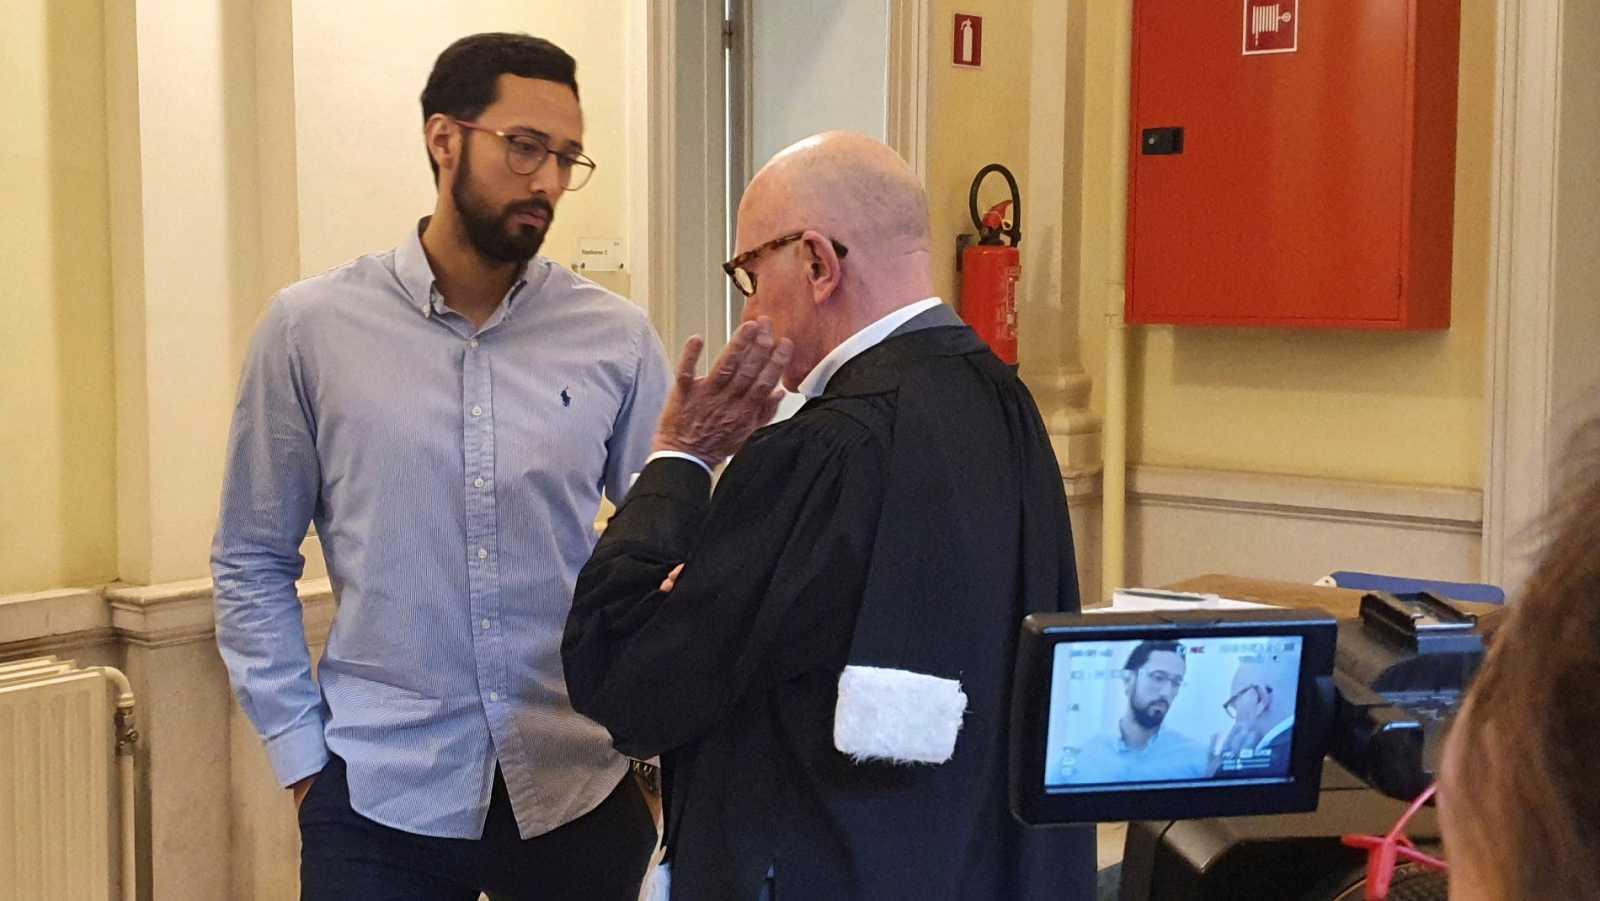 El rapero Valtònyc con su abogado